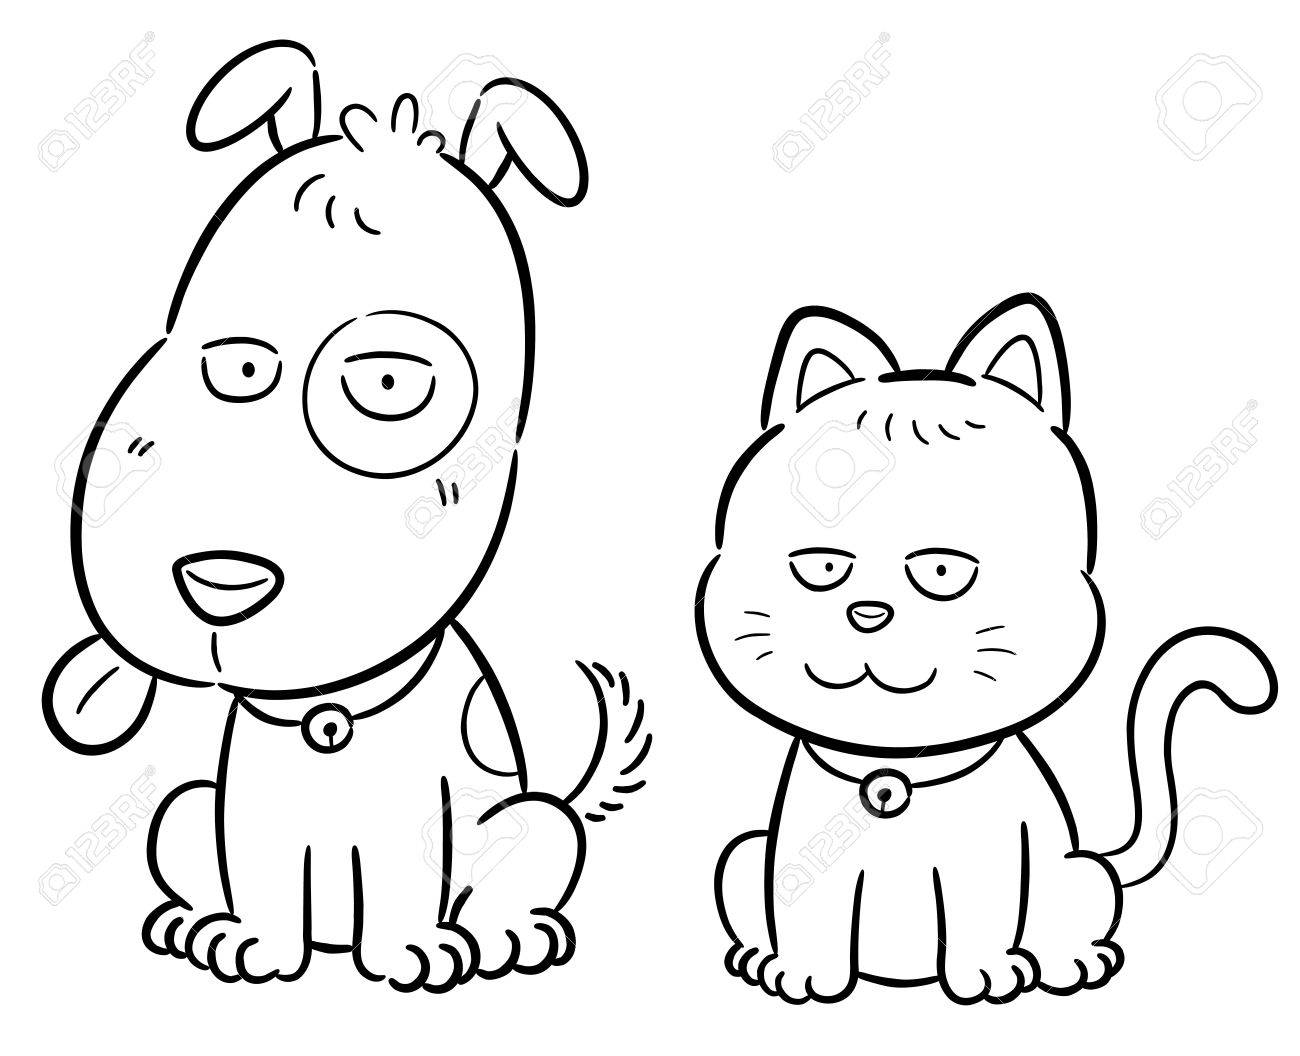 Dibujos Para Colorear De Perros Y Gatos. Free Dibujos De Gatos Y ...